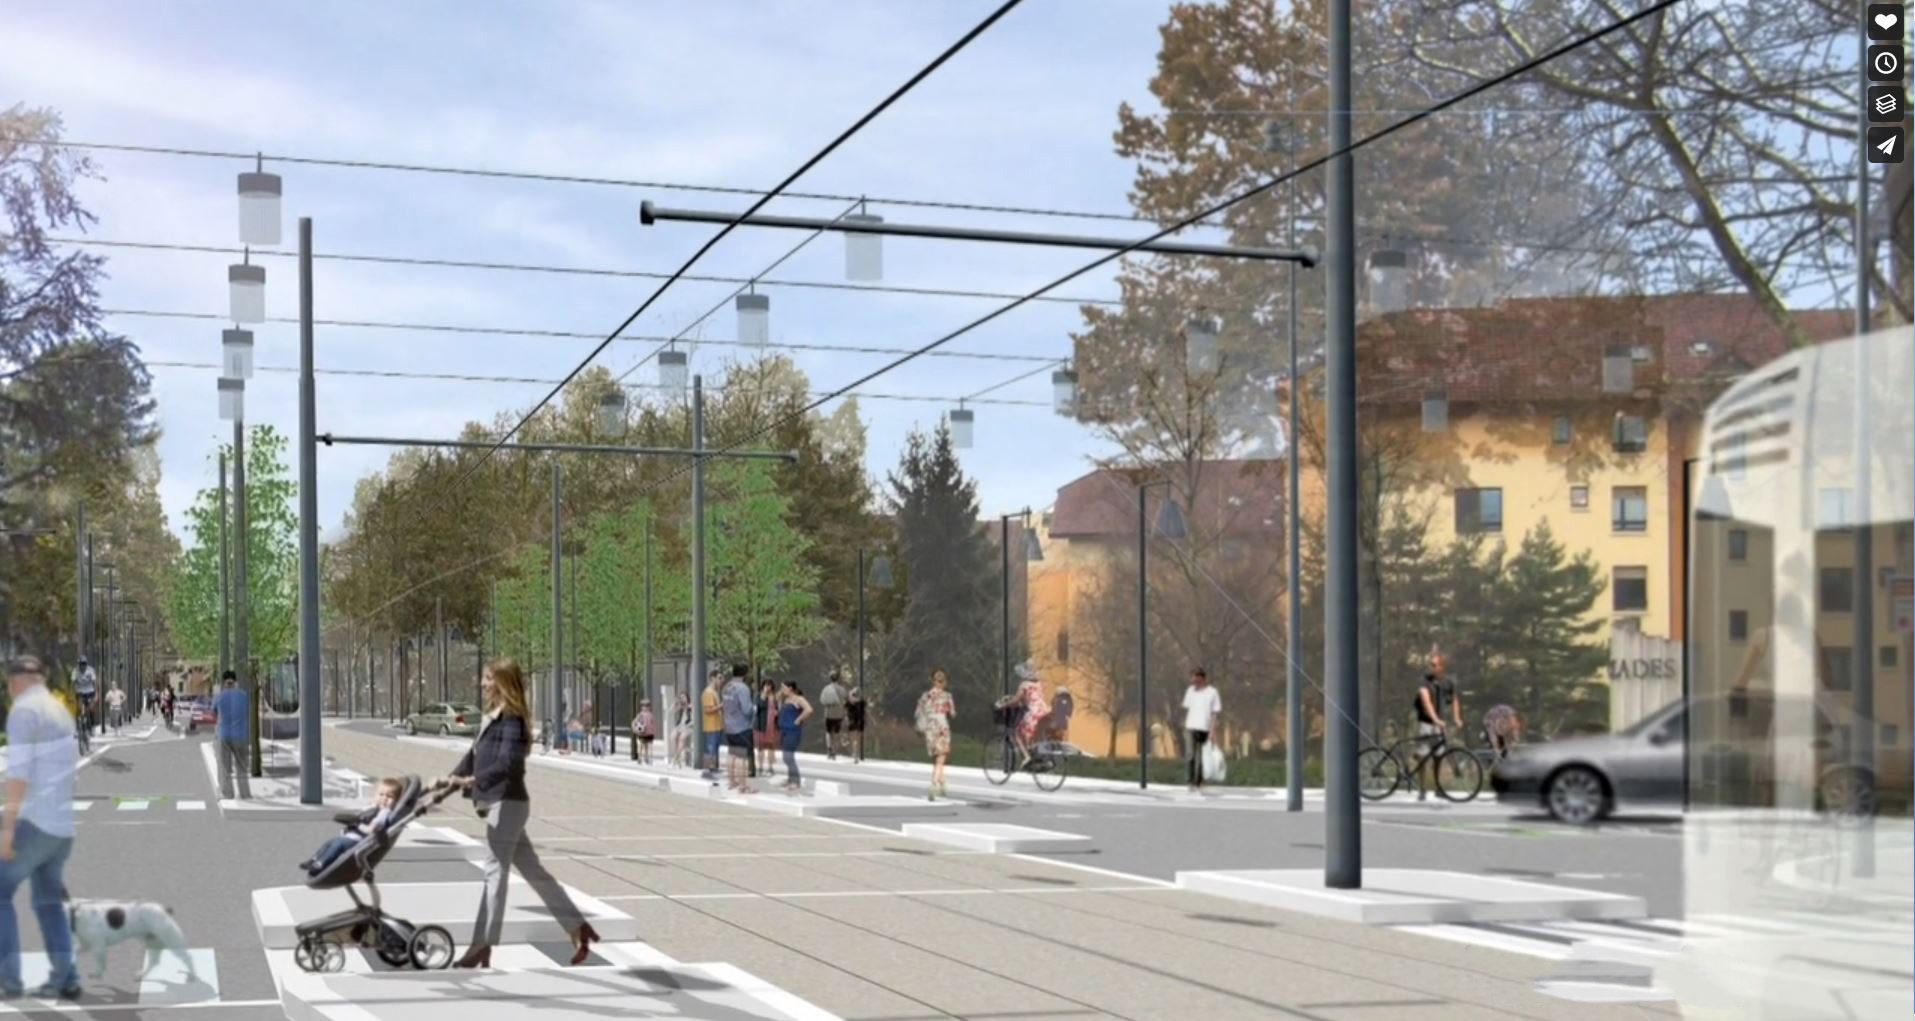 Haute-Savoie: 13,9 M€ pour le tramway de Saint-Julien-en-Genevois et 7 parkings relais